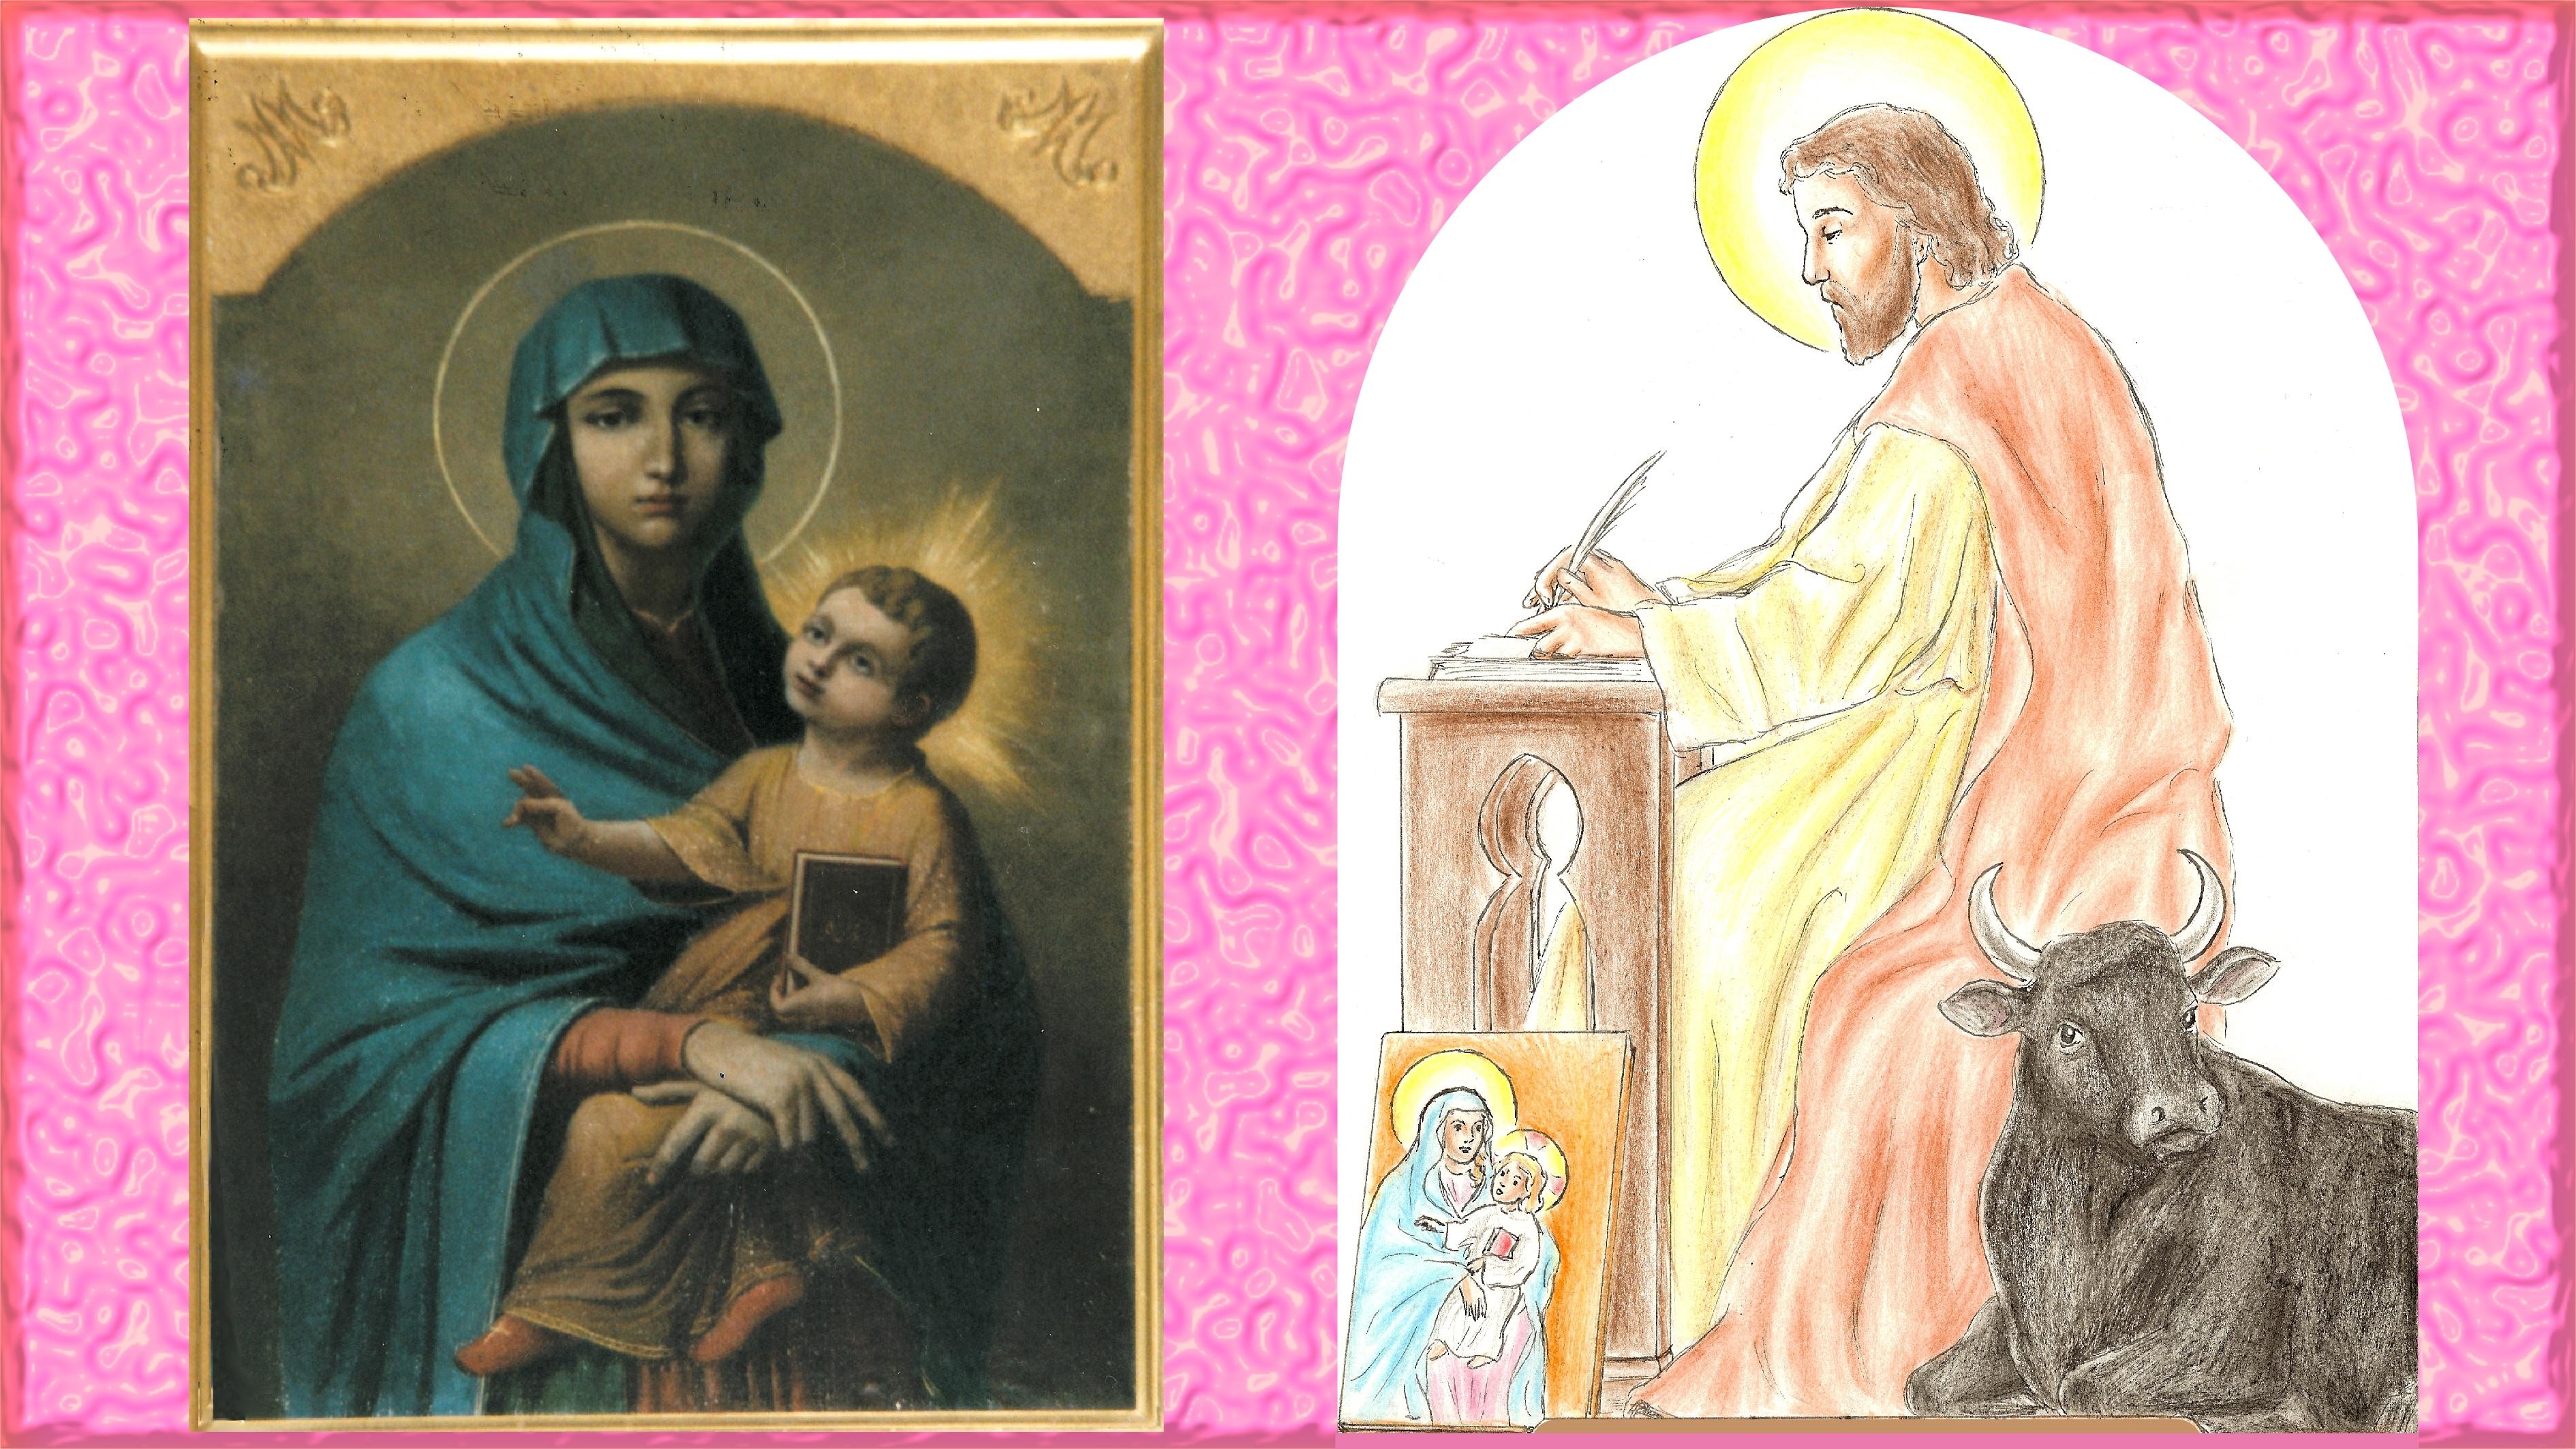 CALENDRIER CATHOLIQUE 2019 (Cantiques, Prières & Images) - Page 12 St-luc-sa-madone-...jeure-1--56ac8bf